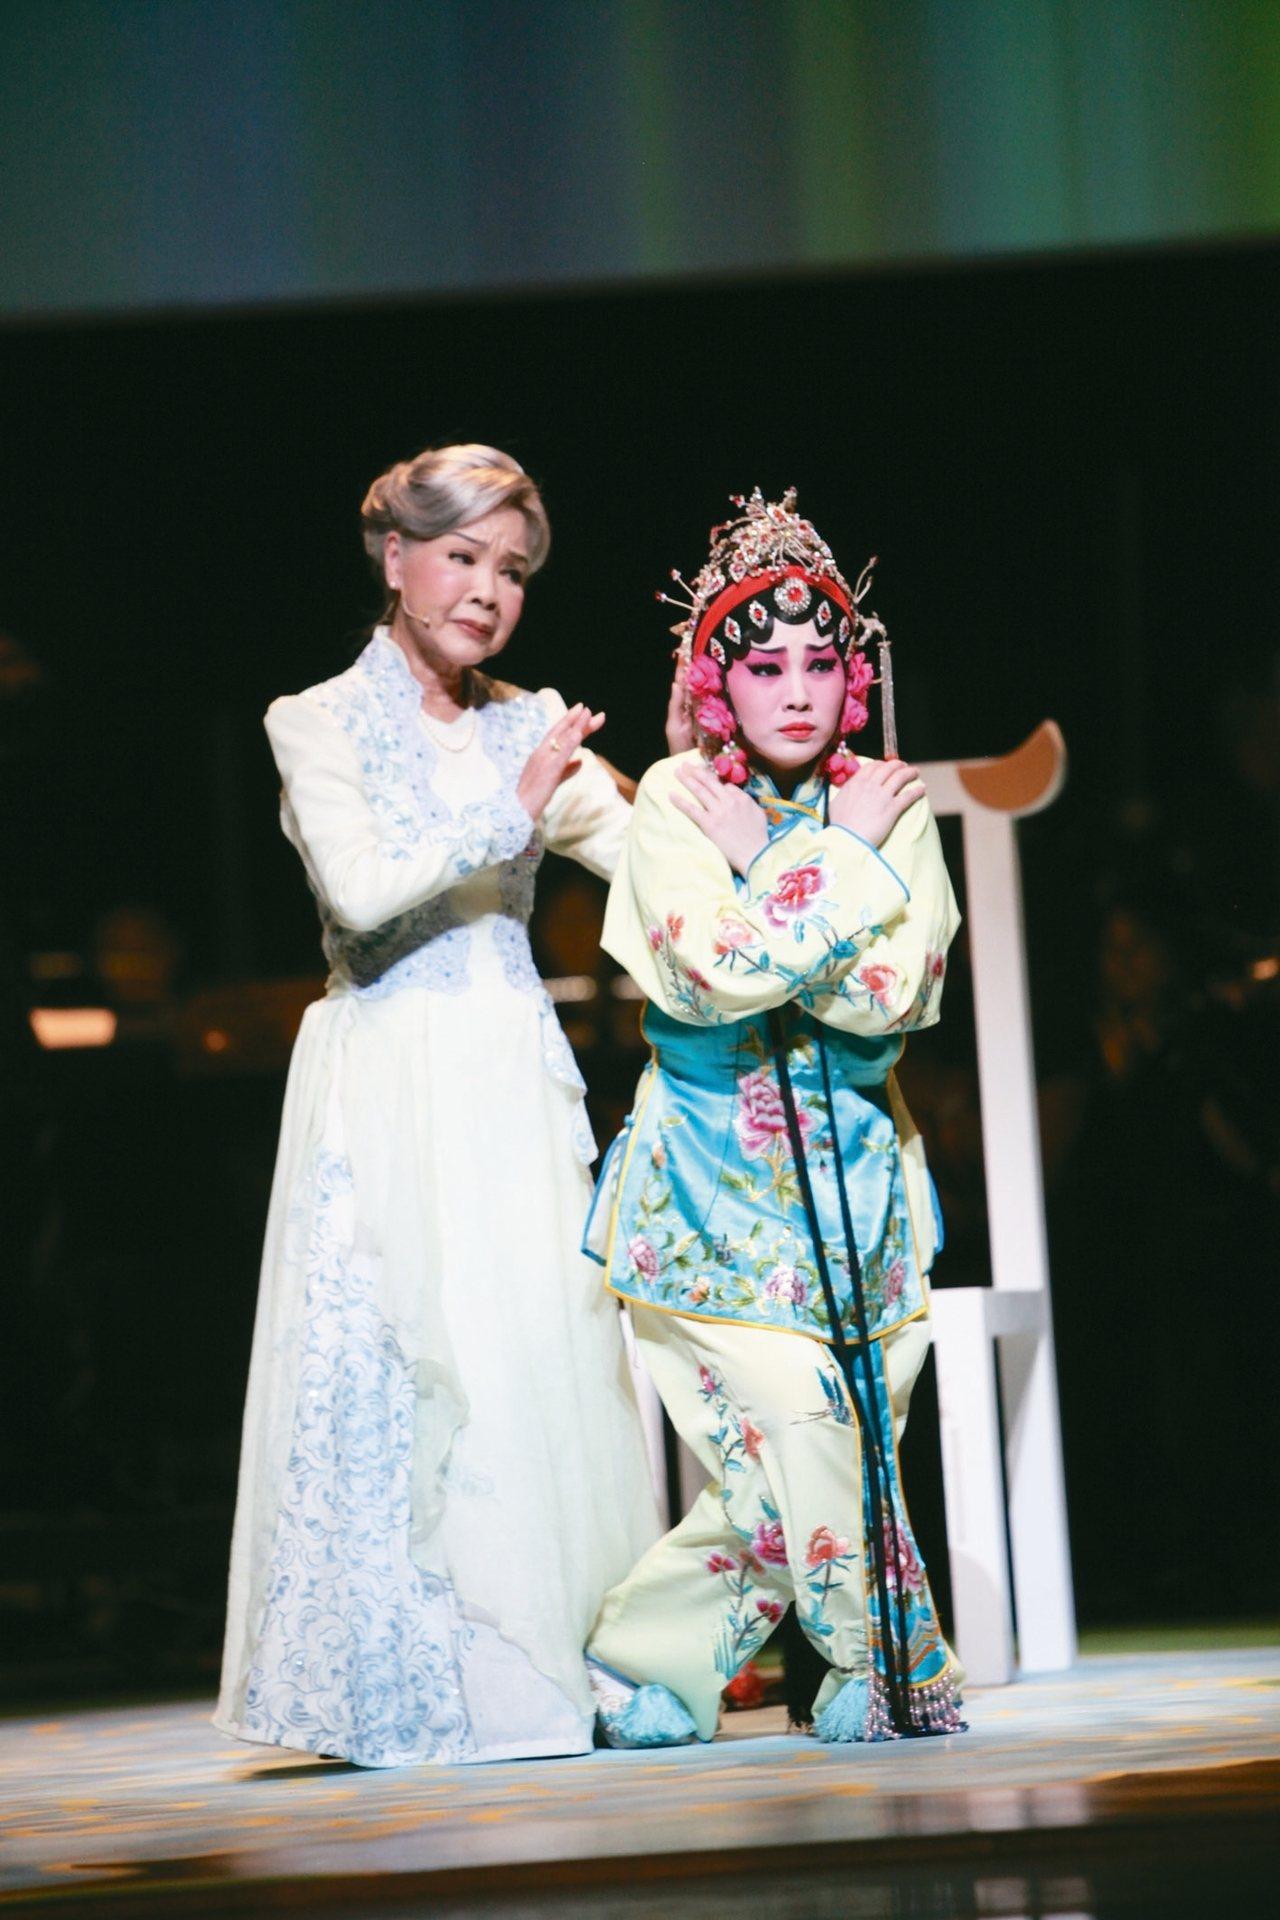 《凍水牡丹》,圖左為廖瓊枝,右為王台玲。 圖/傳統藝術中心提供